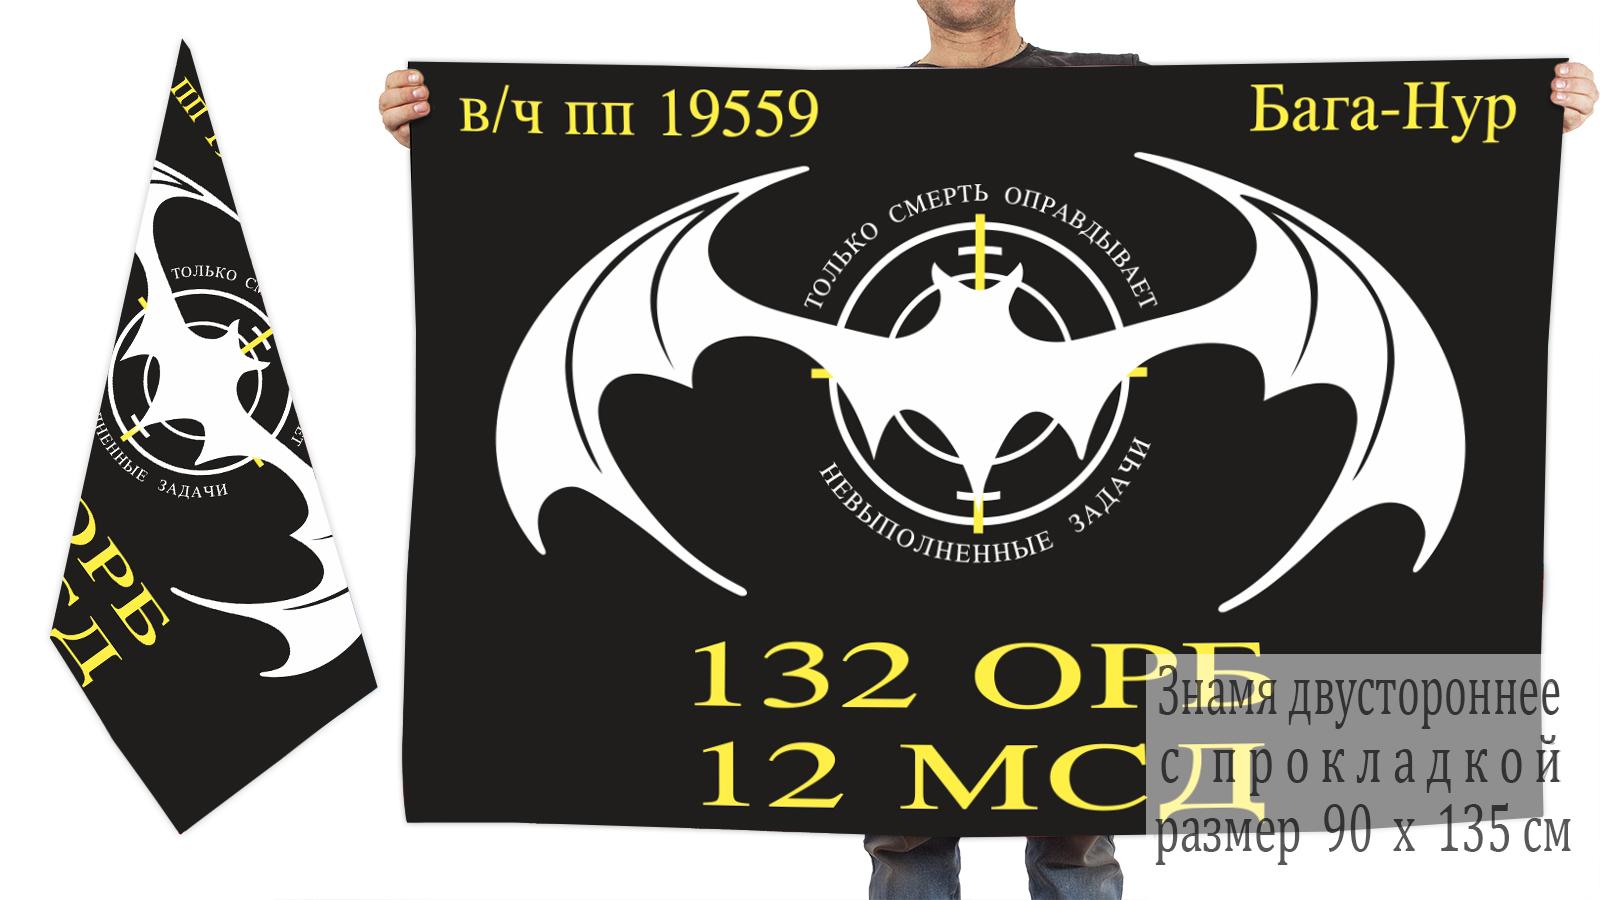 Двусторонний флаг 132 отдельного разведбата 12 МСД